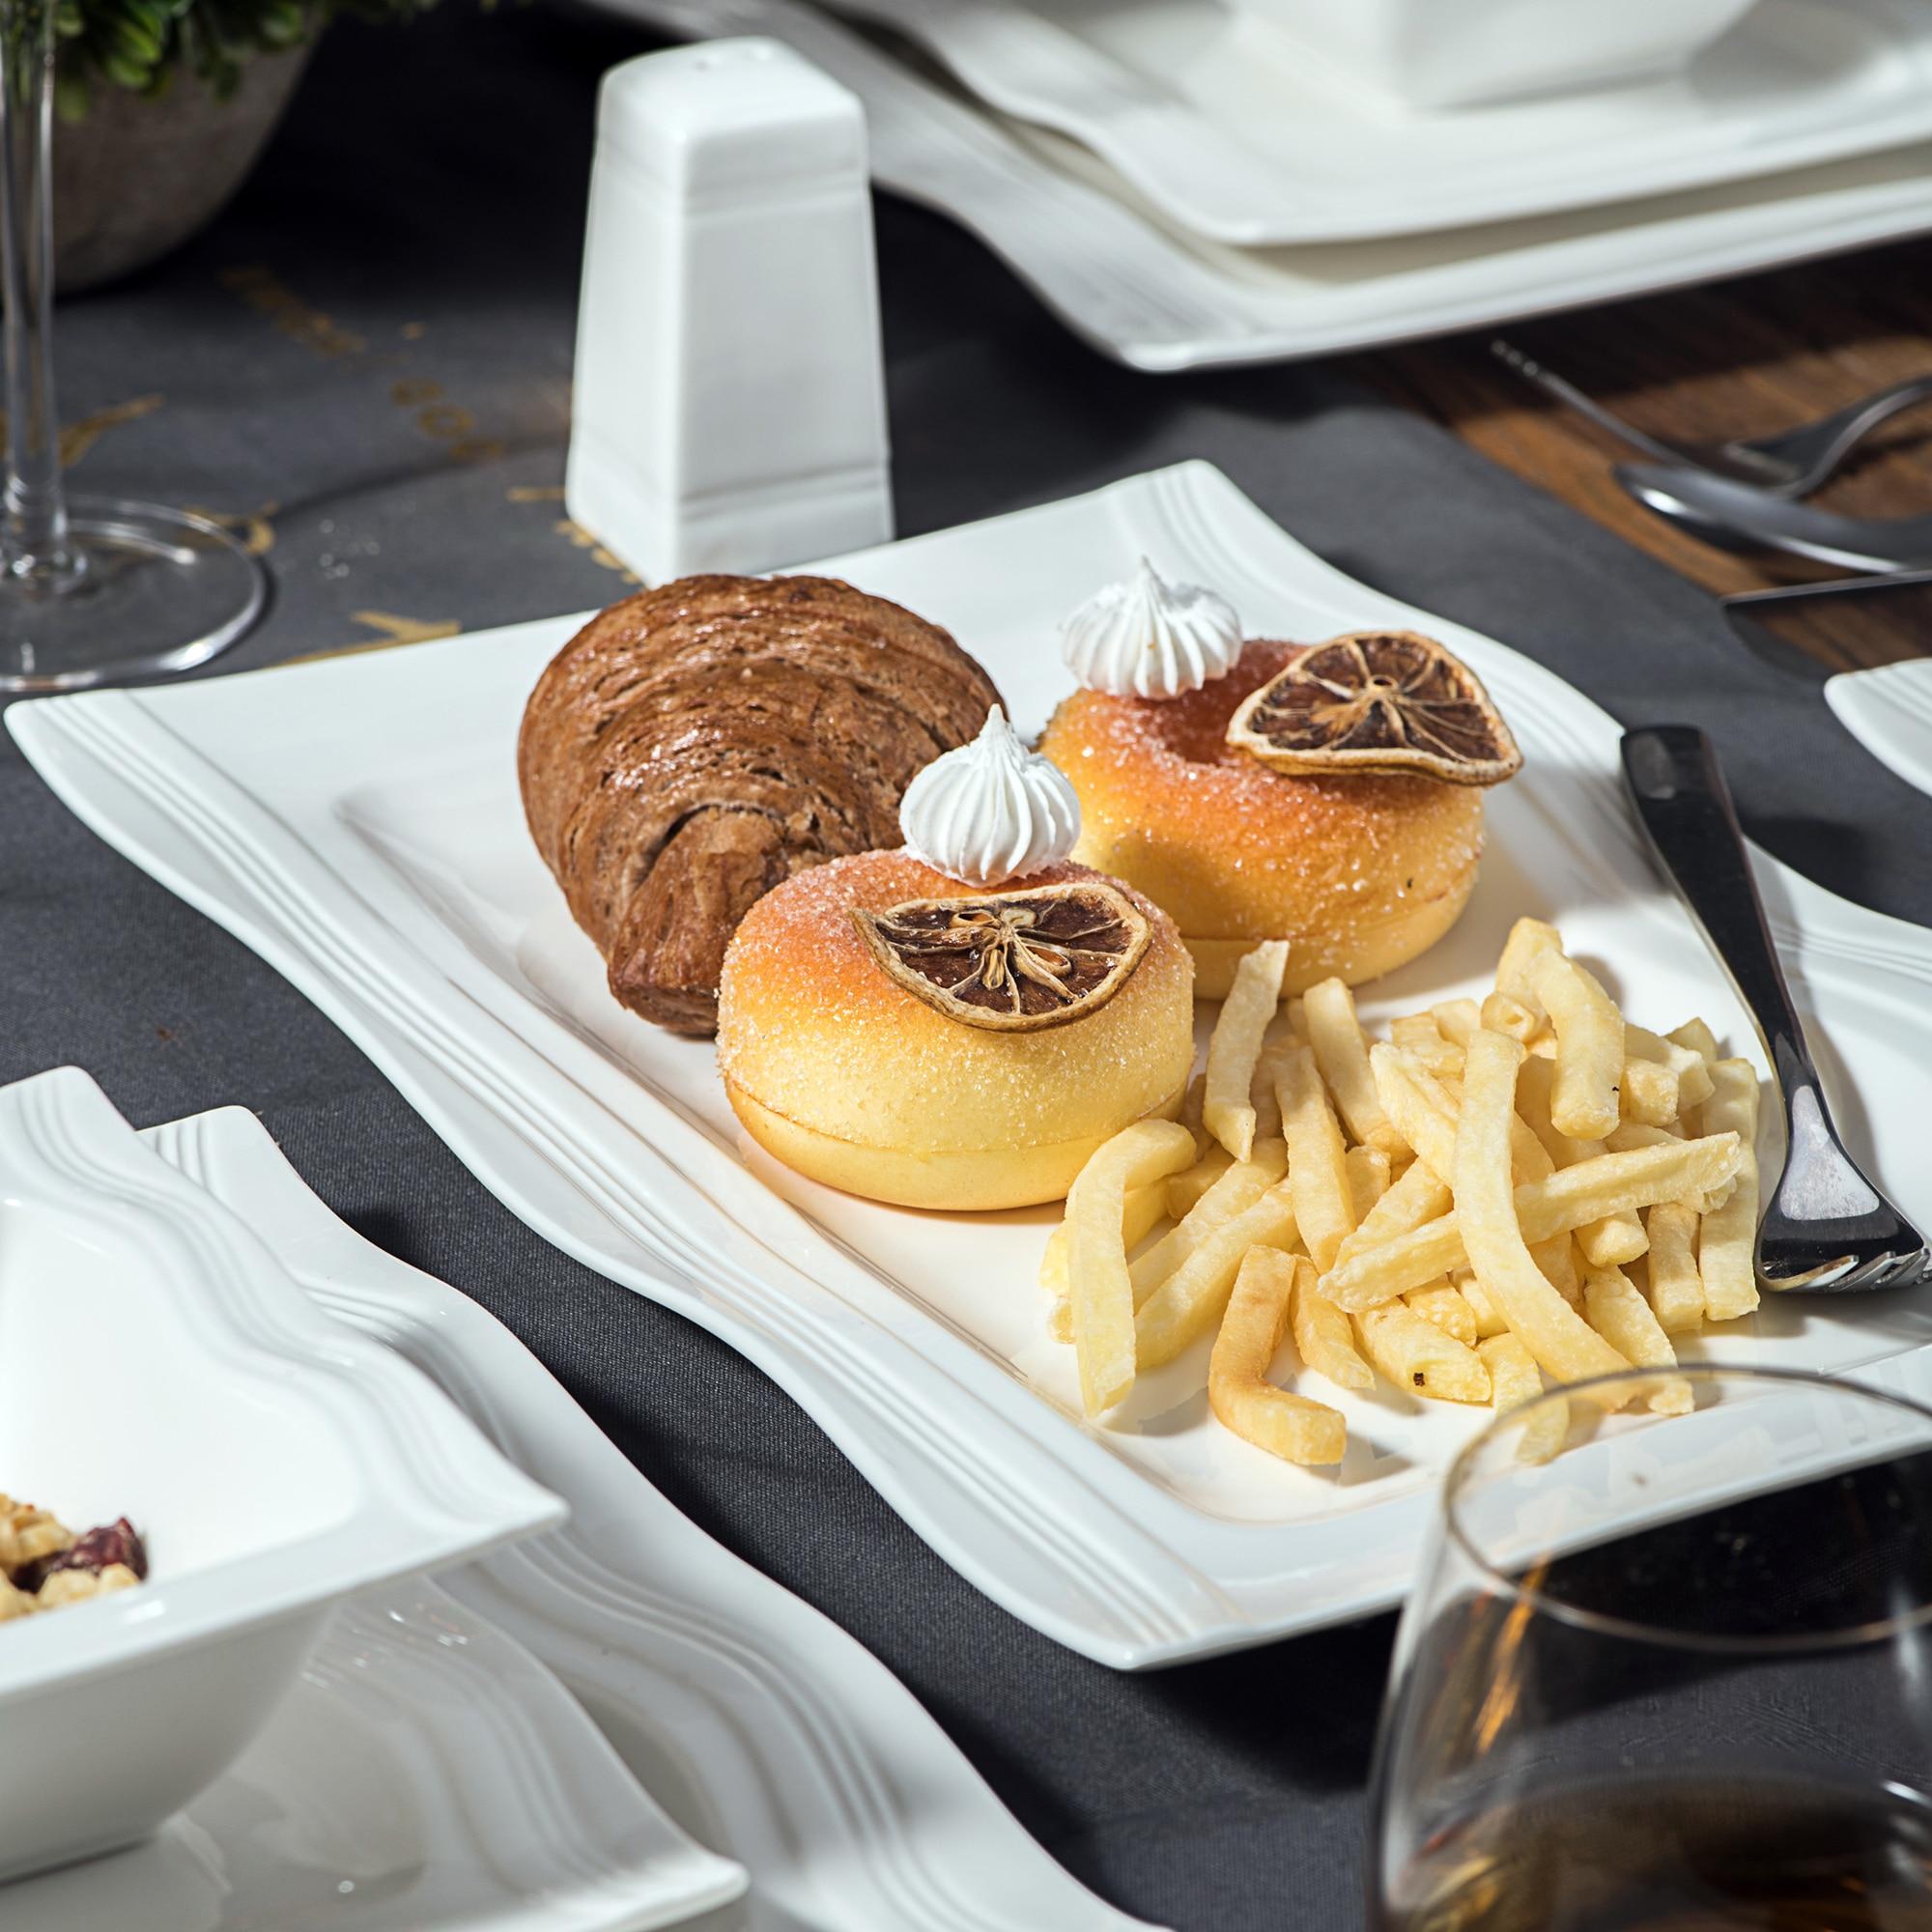 MALACASA Series Mario 28-Piece Porcelain Dinnerware with 6*Bowl Dessert Soup Dinner Plate 2*Salt Shaker Set 2 Rectangular Plate